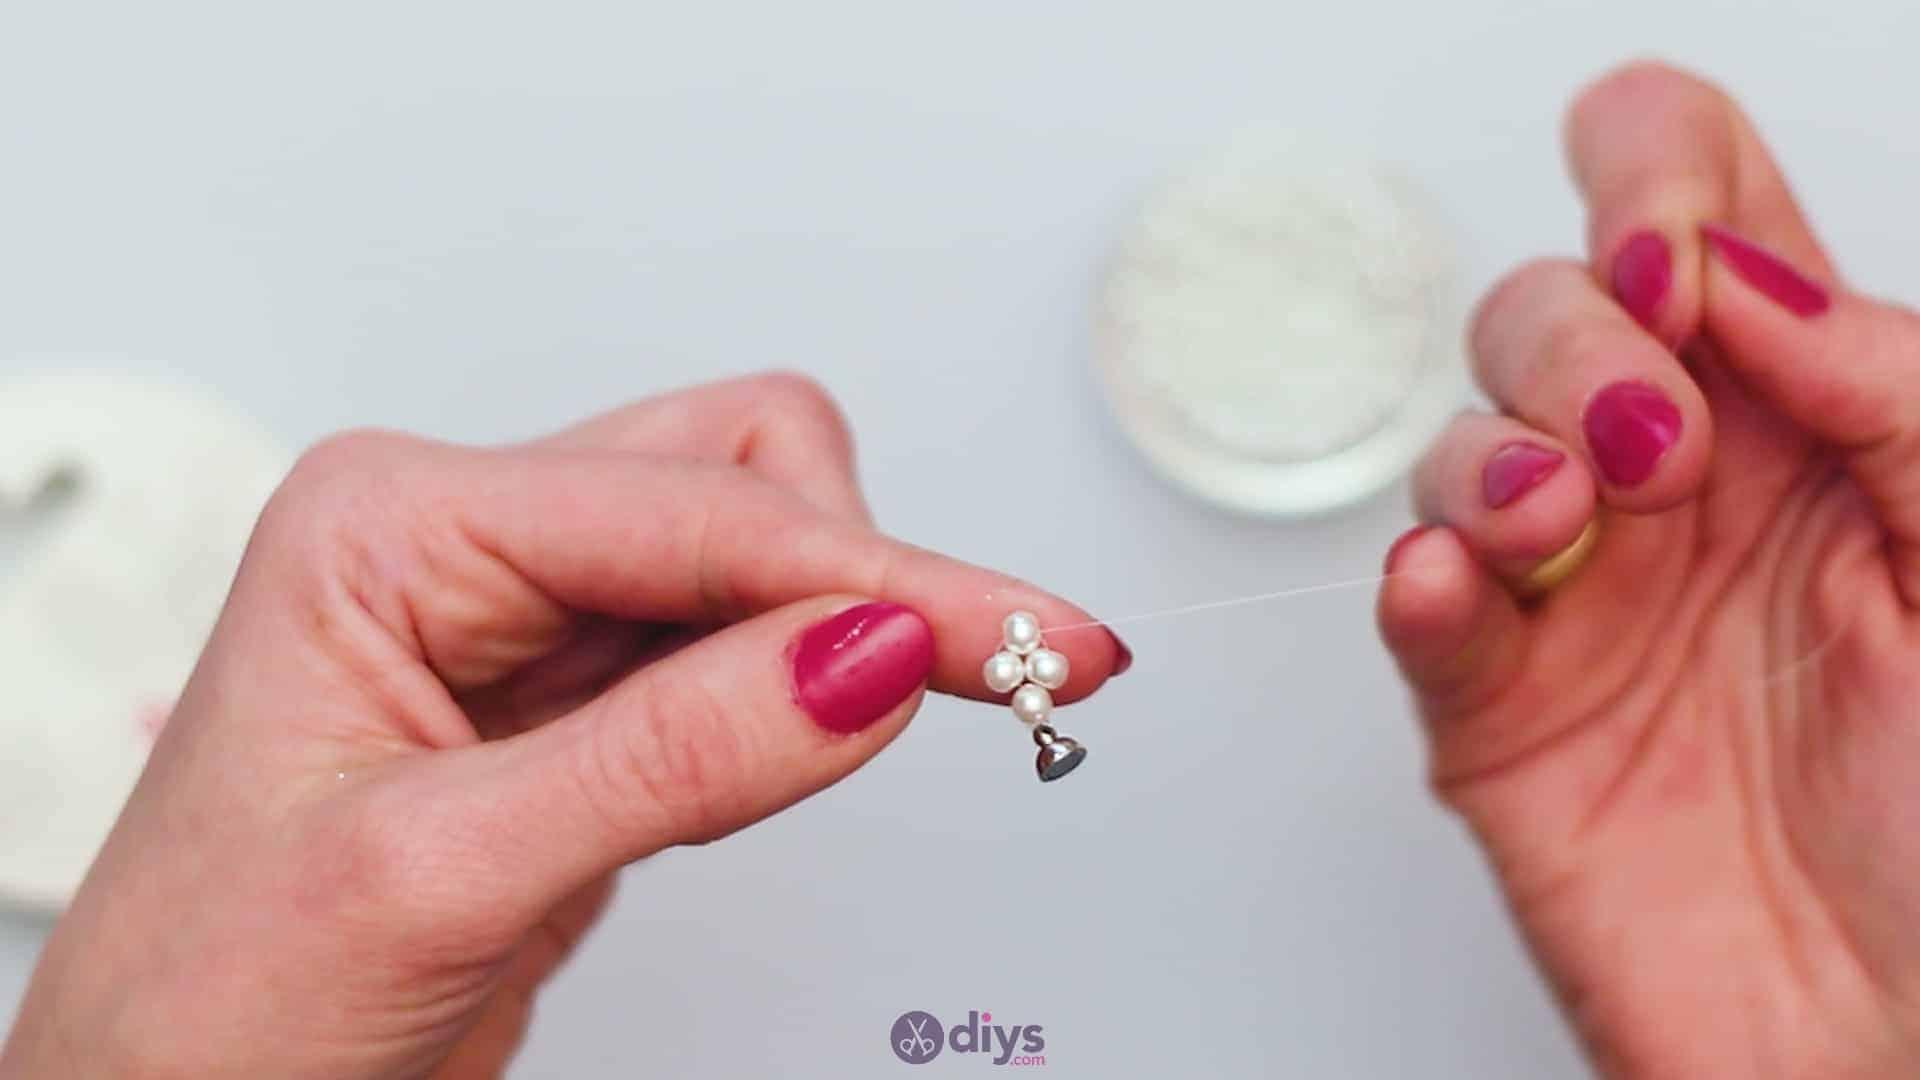 Diy elegant white beads bracelet step 2e